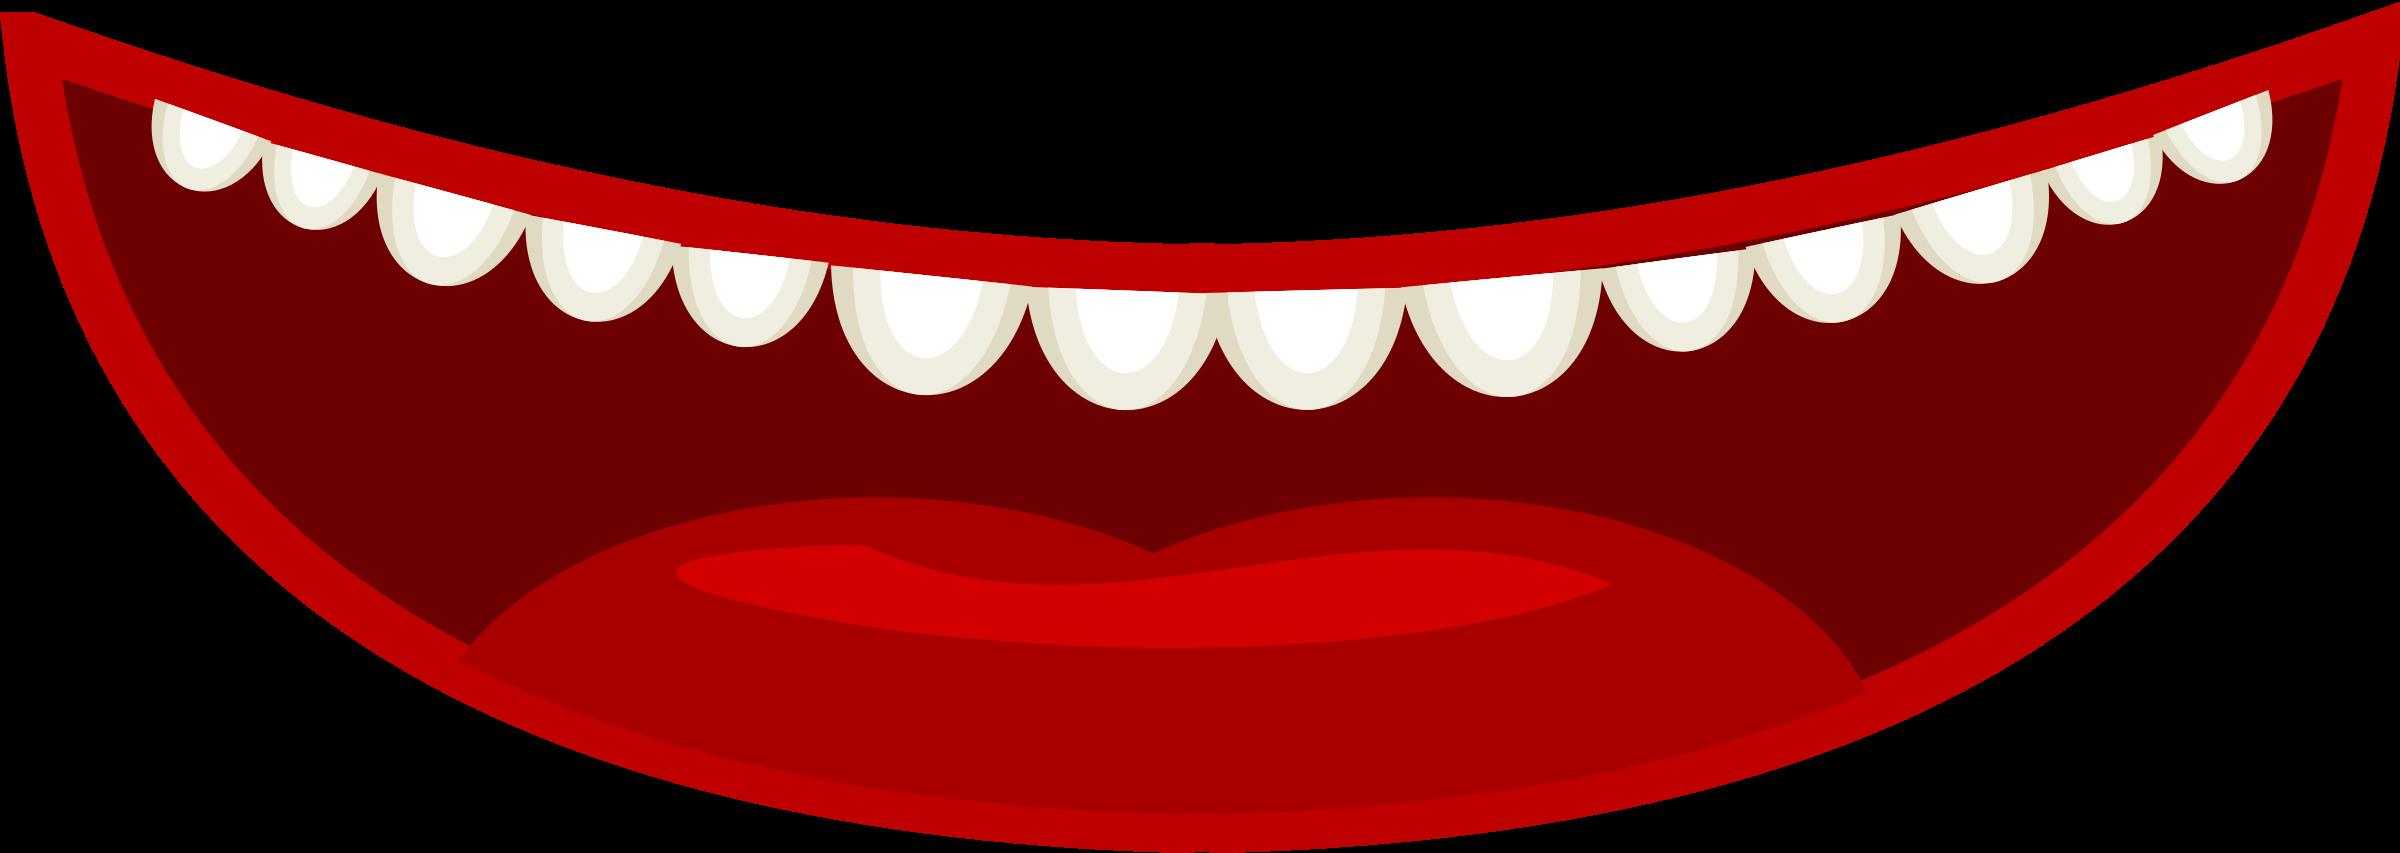 Best Photos of Cartoon Lips Clip Art - Hot Pink Lips Clip Art ...